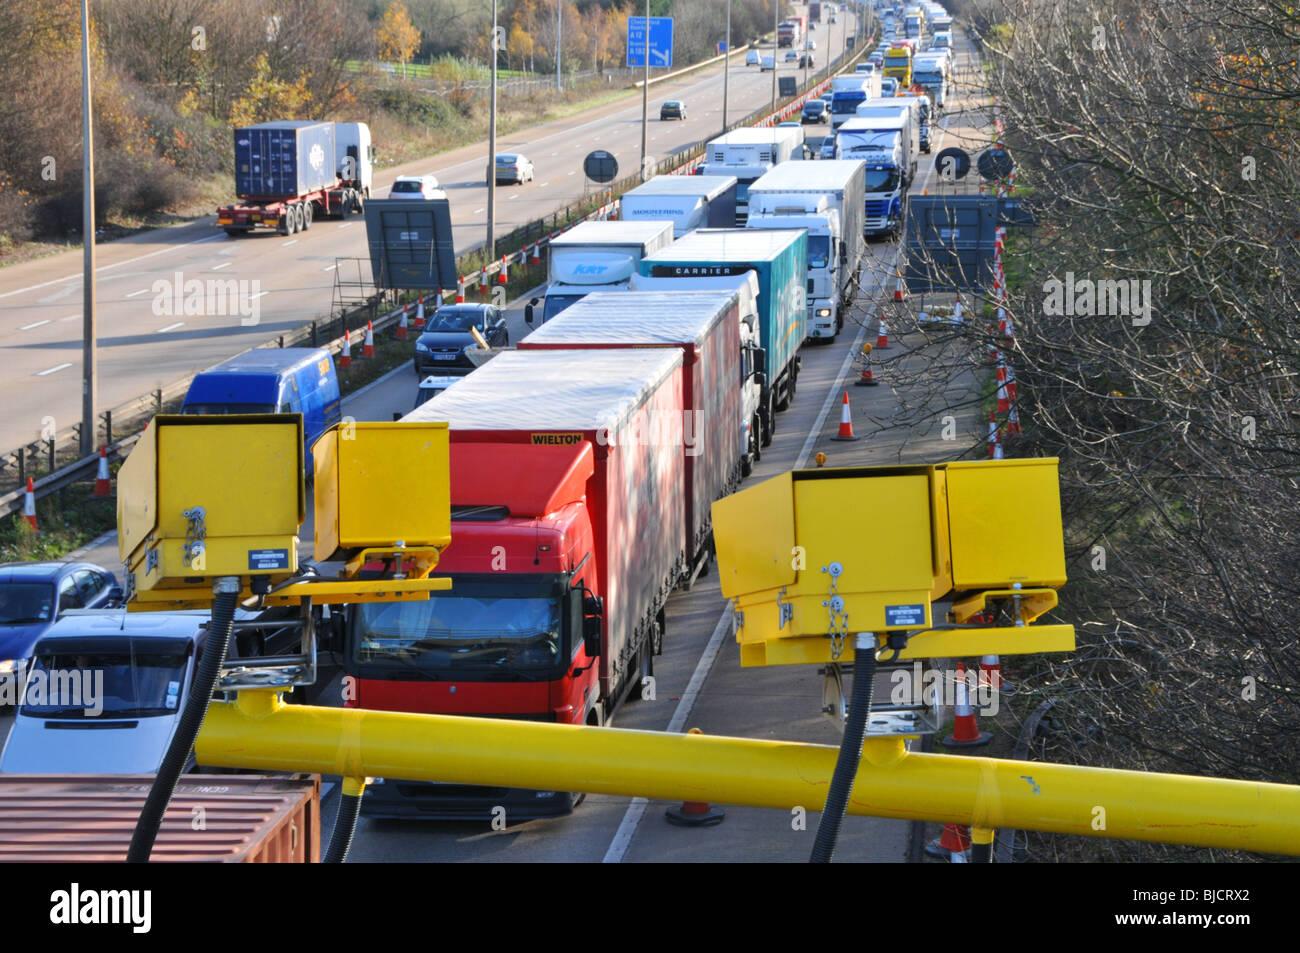 M25 Motorway average speed cameras and traffic jam - Stock Image